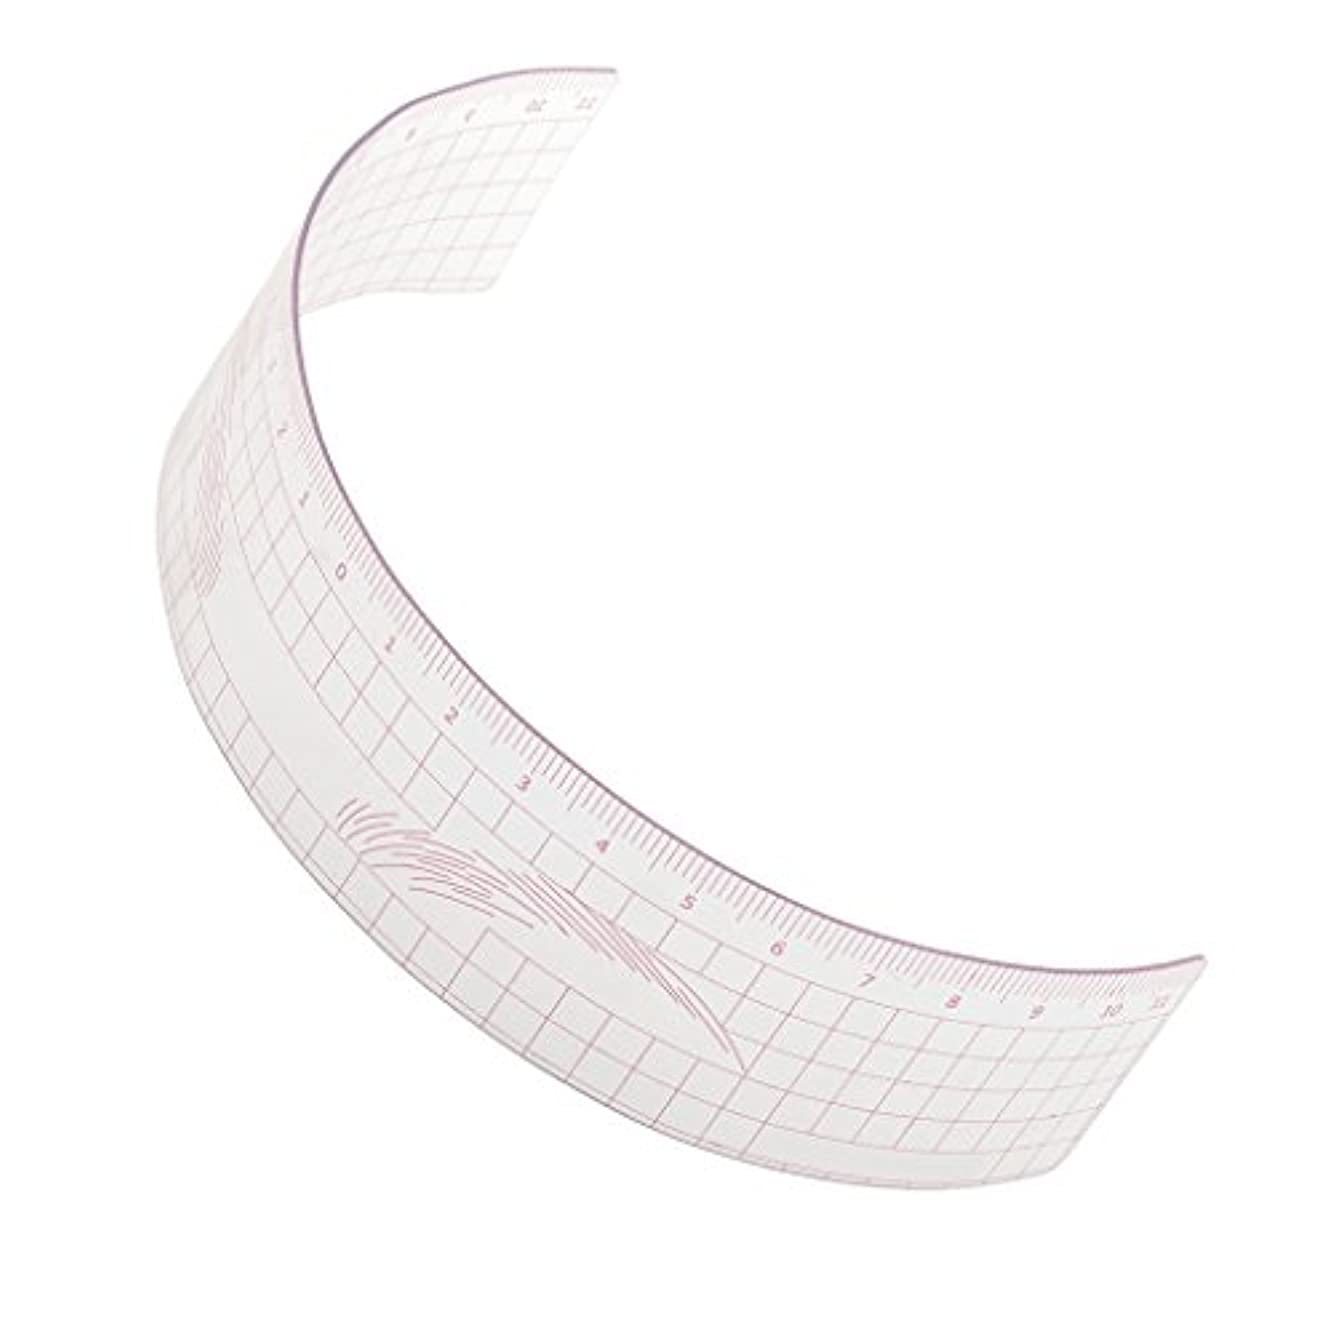 弾丸永久電極Perfk 再利用可能 メイク 眉毛ステンシル マイクロブレード 測定用 ルーラー ツール 全3色 - ピンク